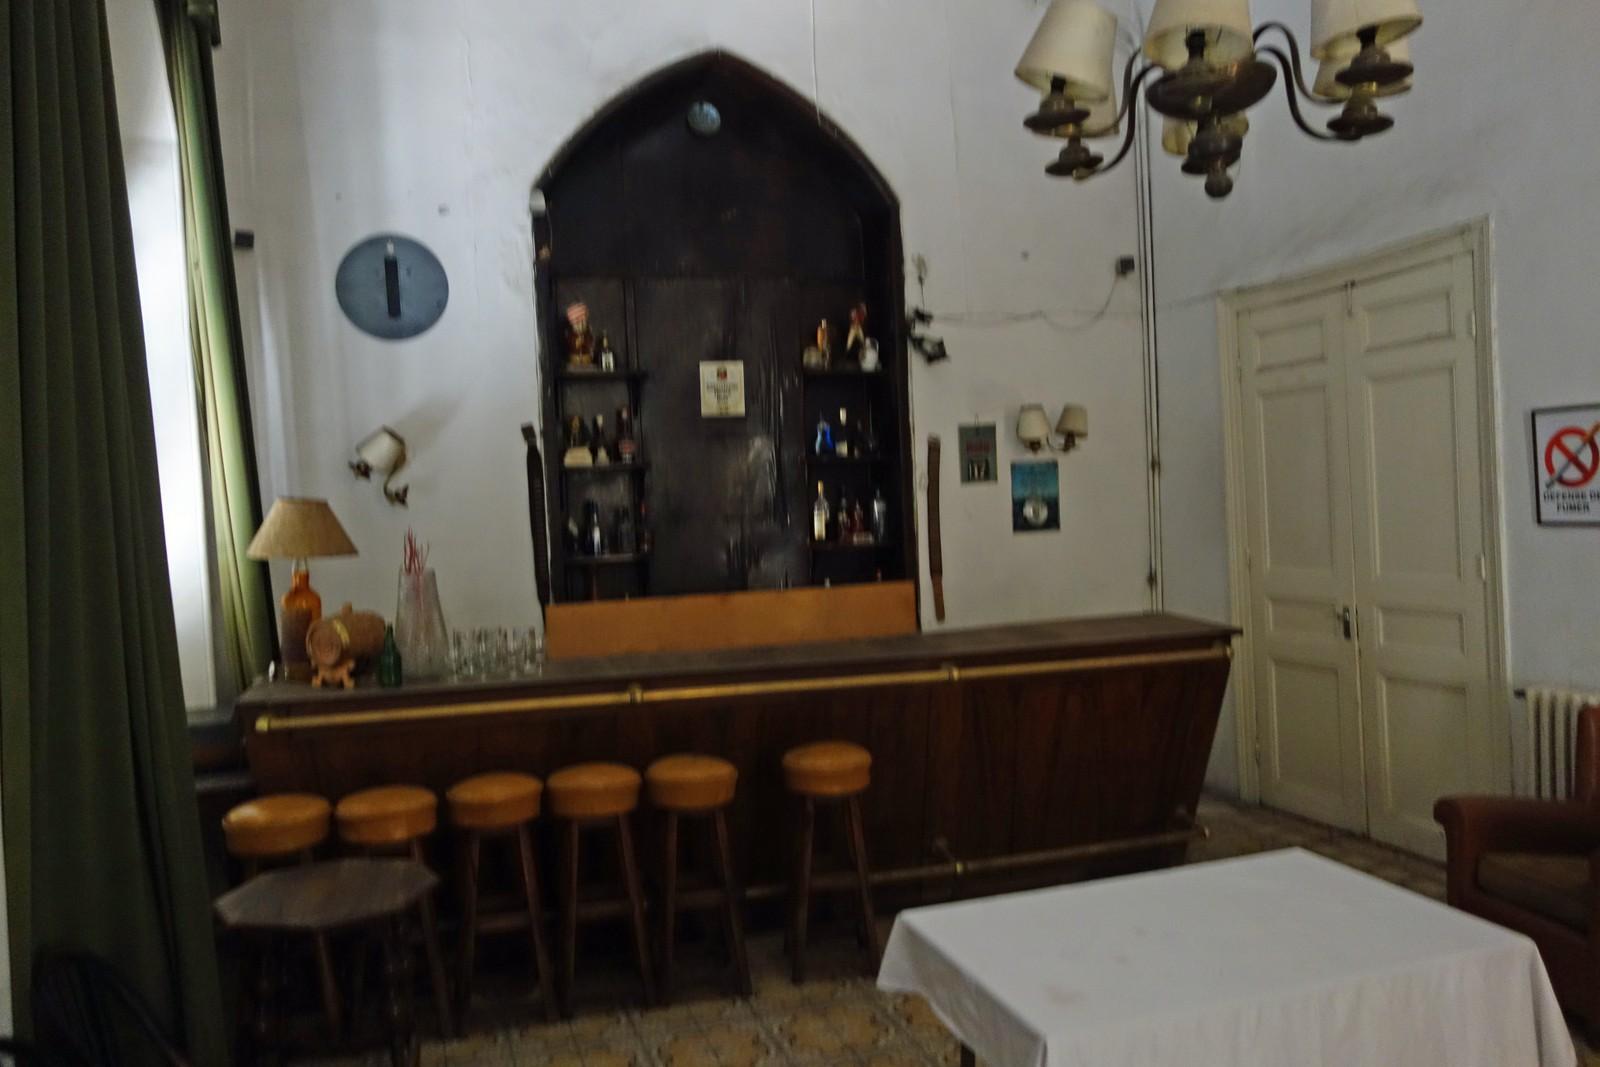 I denne baren satt kanskje T.E Lawrence, Charles Linberg eller Agatha Christie en gang i tiden.